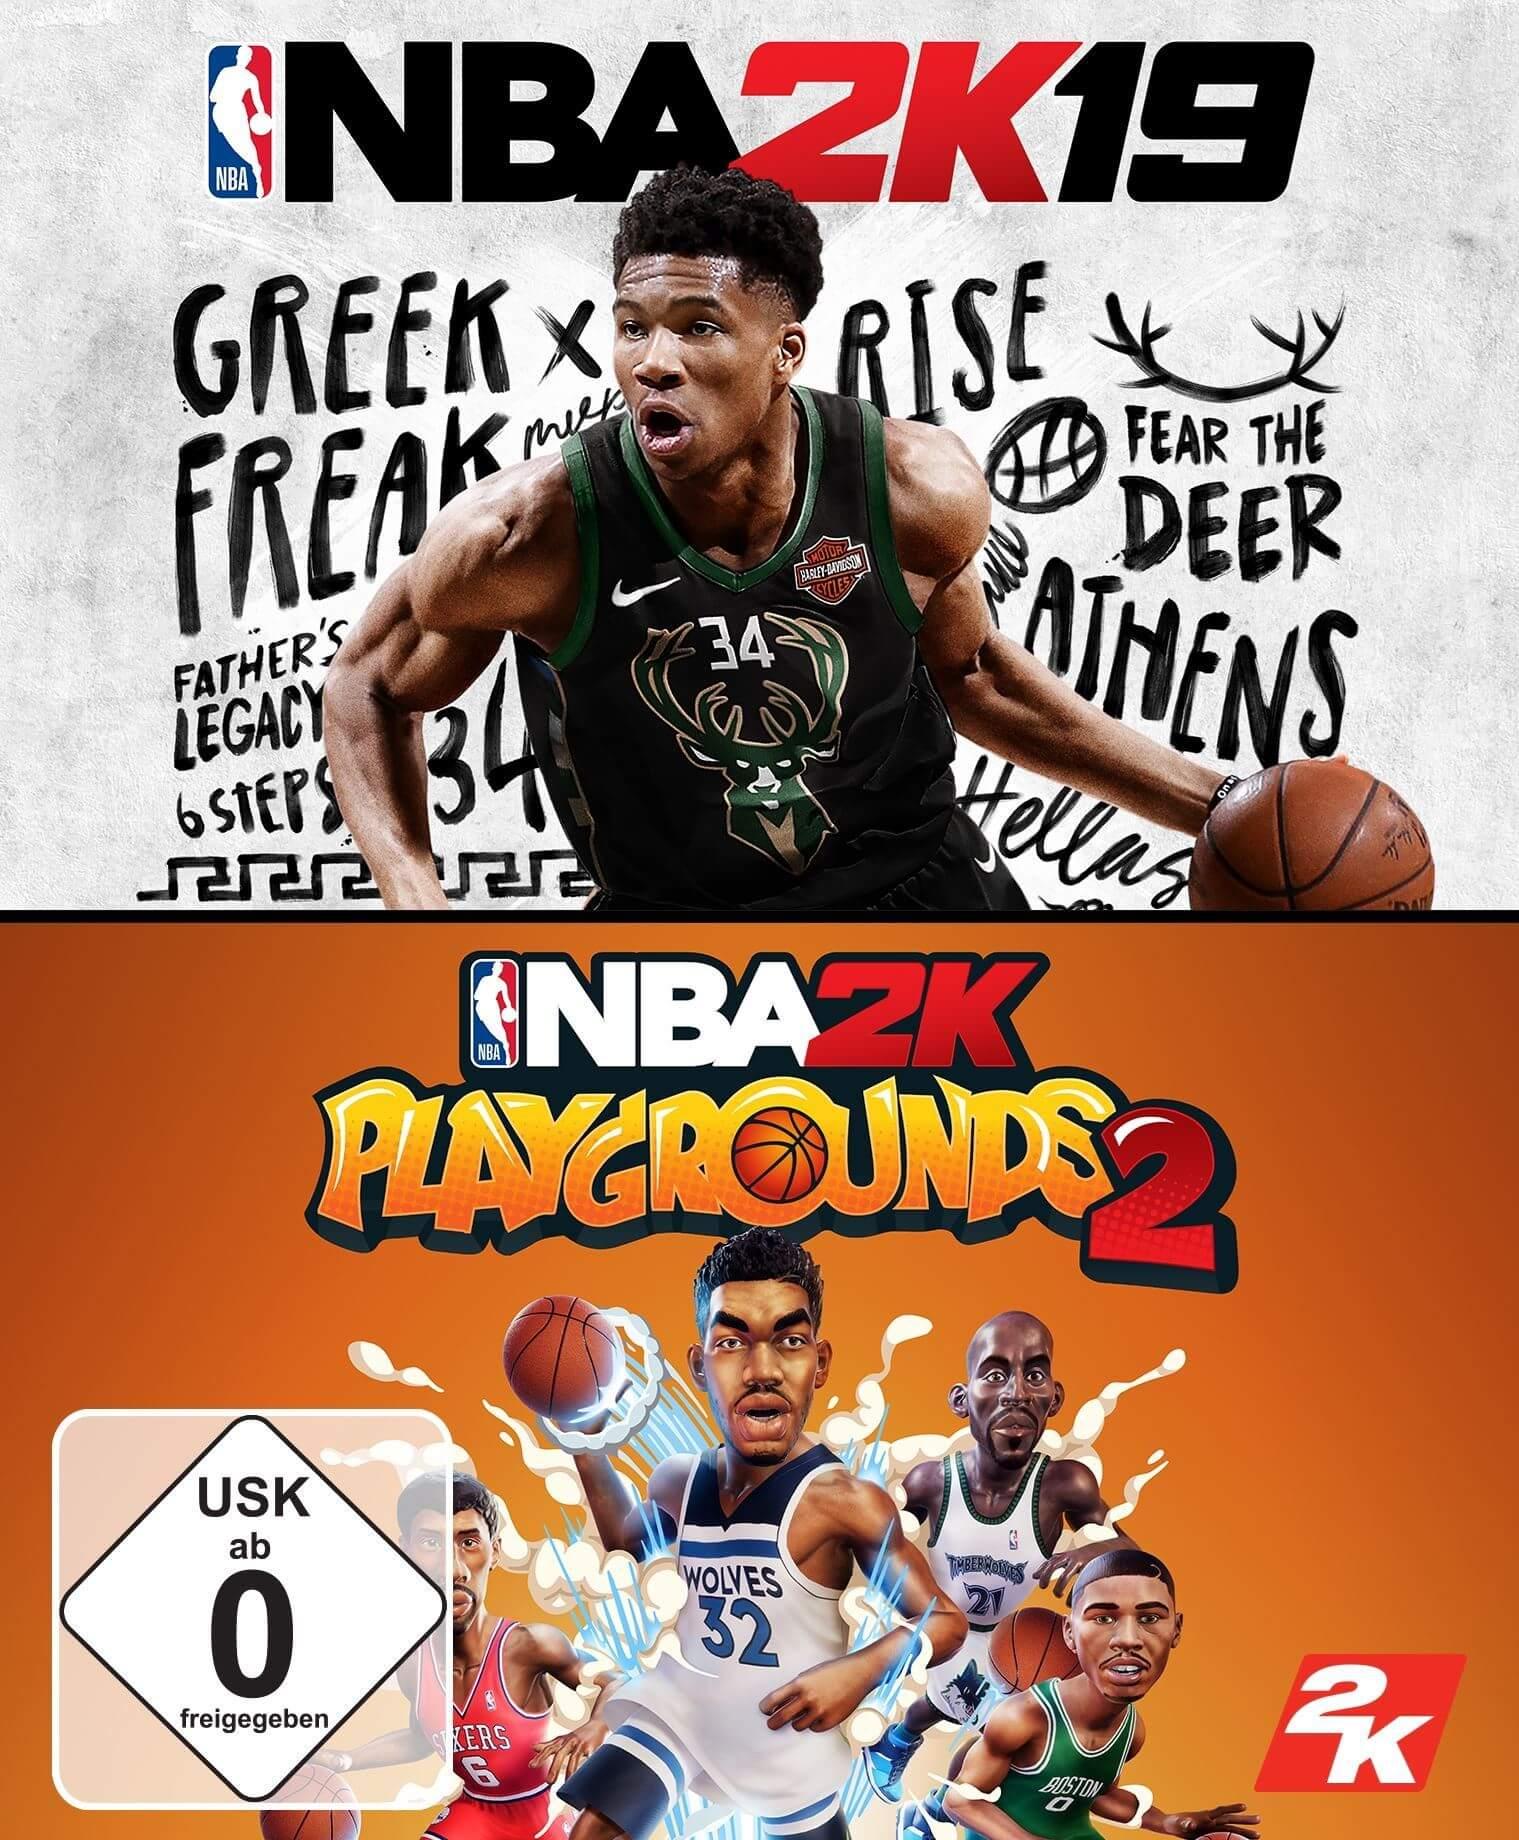 NBA 2K19 + NBA 2K Playgrounds 2 Bundle (EU)